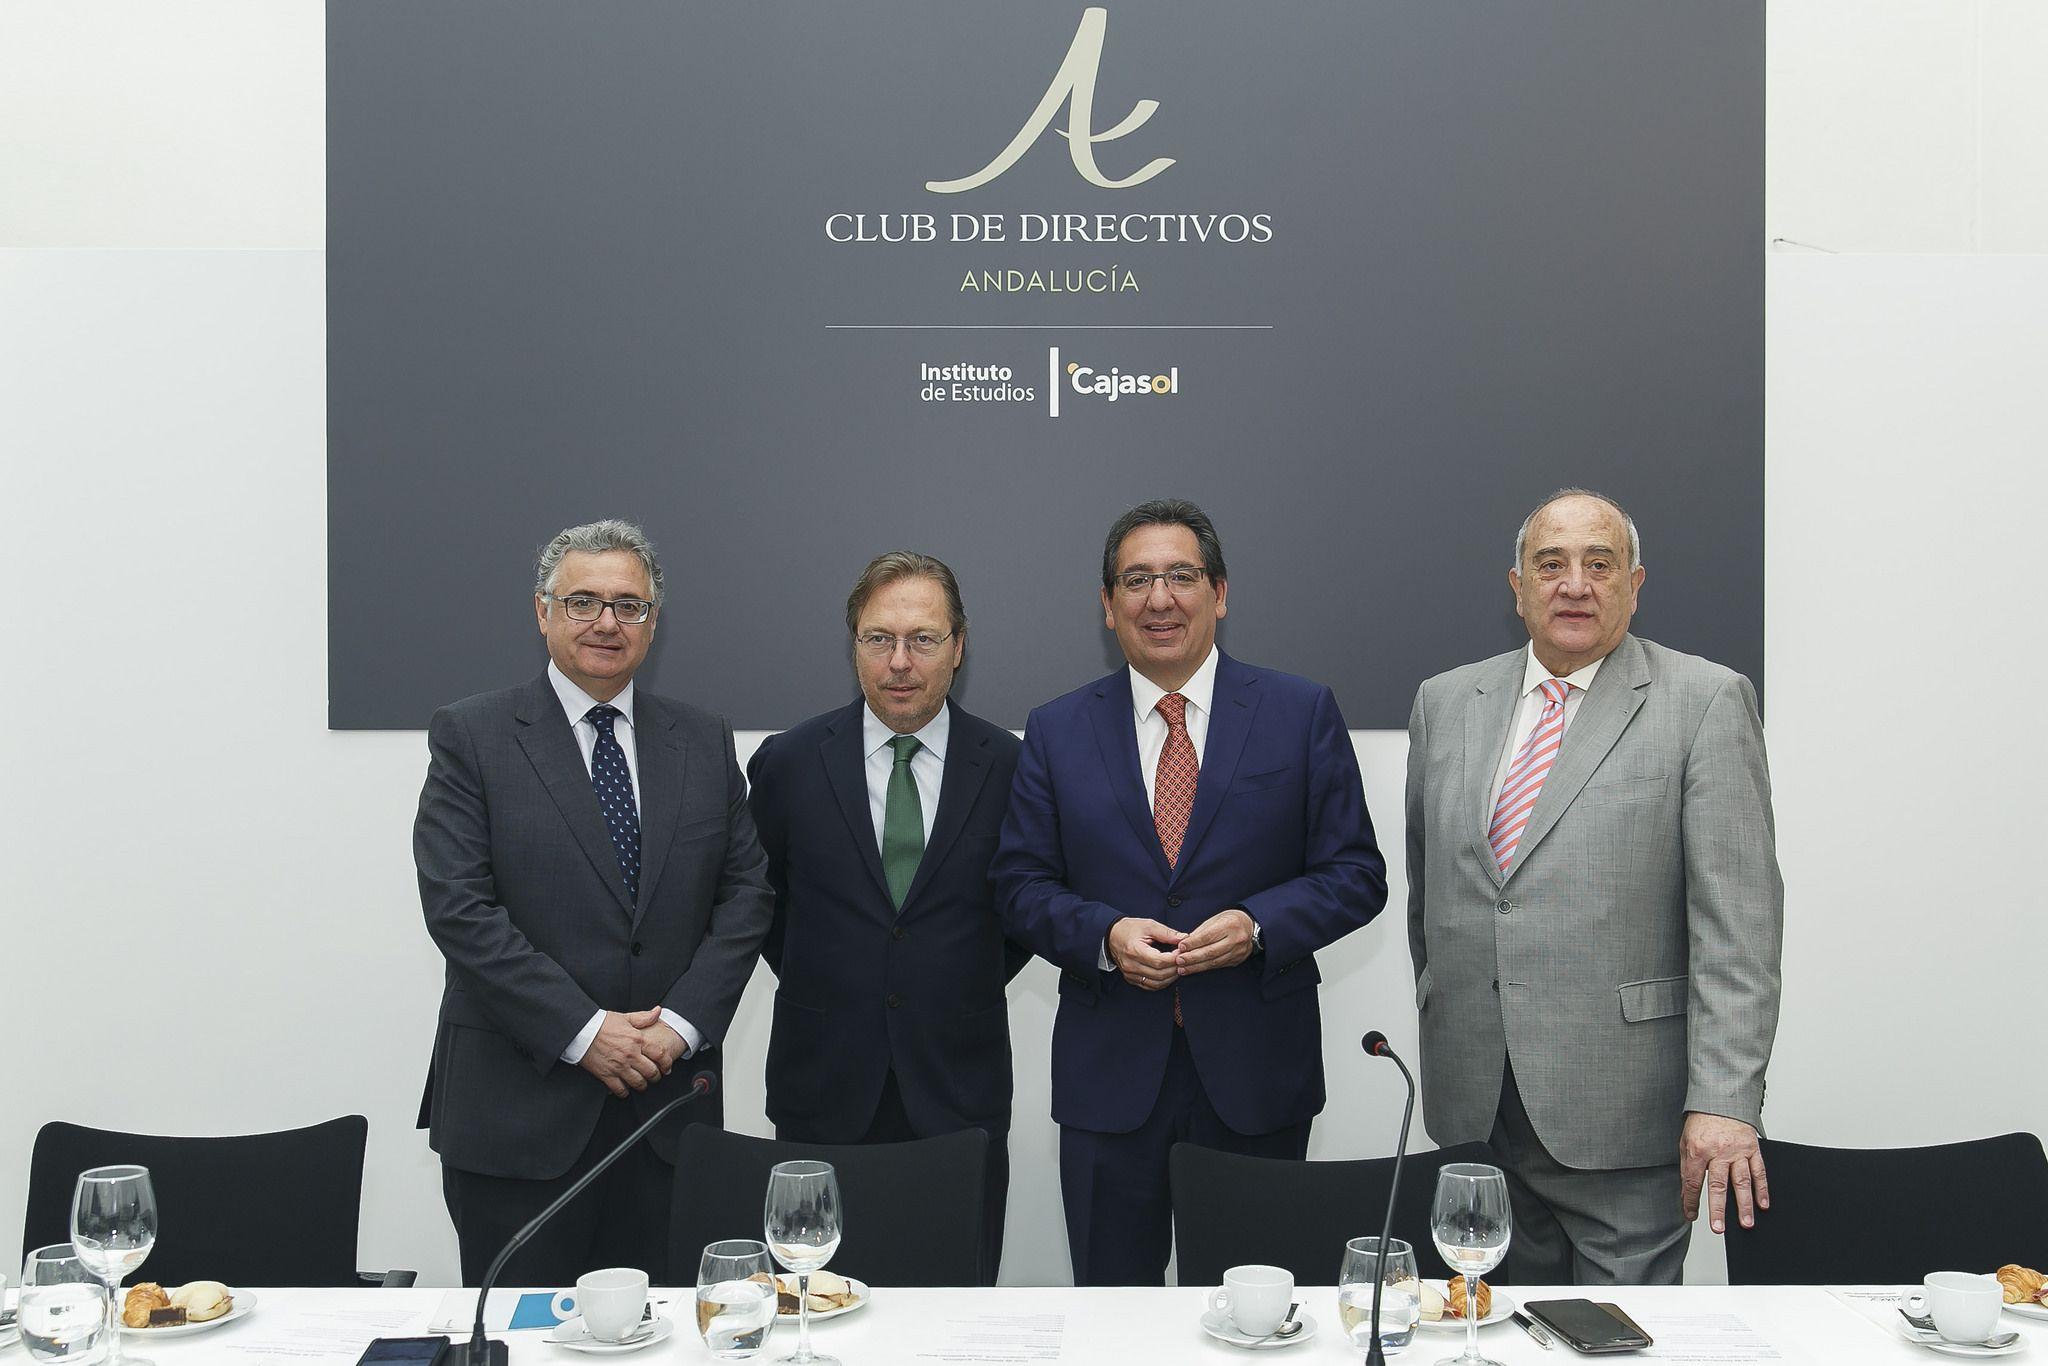 Desayuno del Club de Directivos con Josep Santacreu en el Instituto de Estudios Cajasol